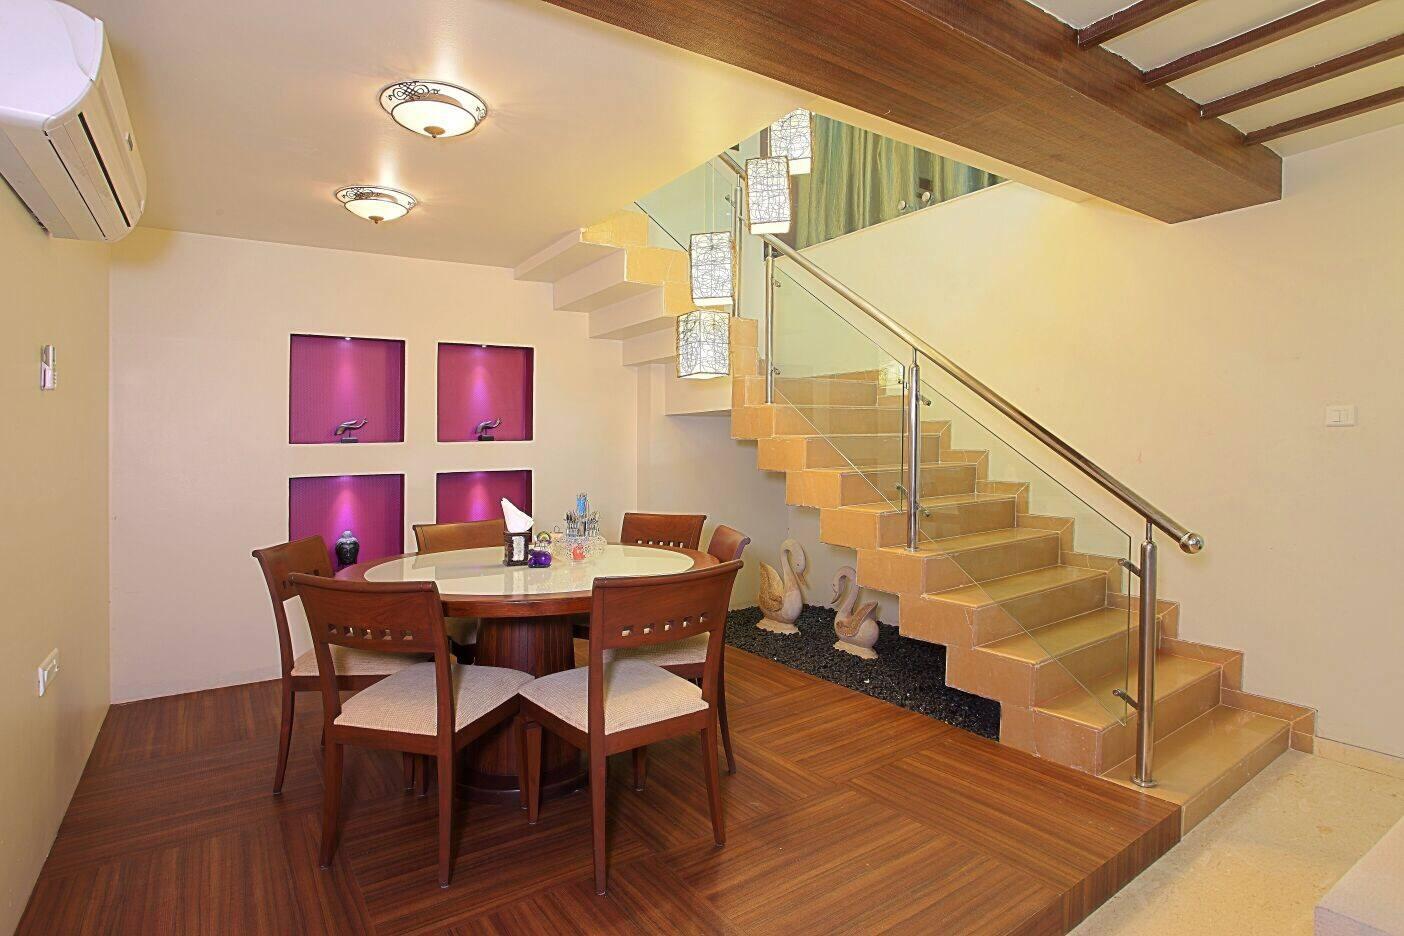 Urbane Living Room by Dessign7 Interiors Pvt Ltd. Contemporary | Interior Design Photos & Ideas